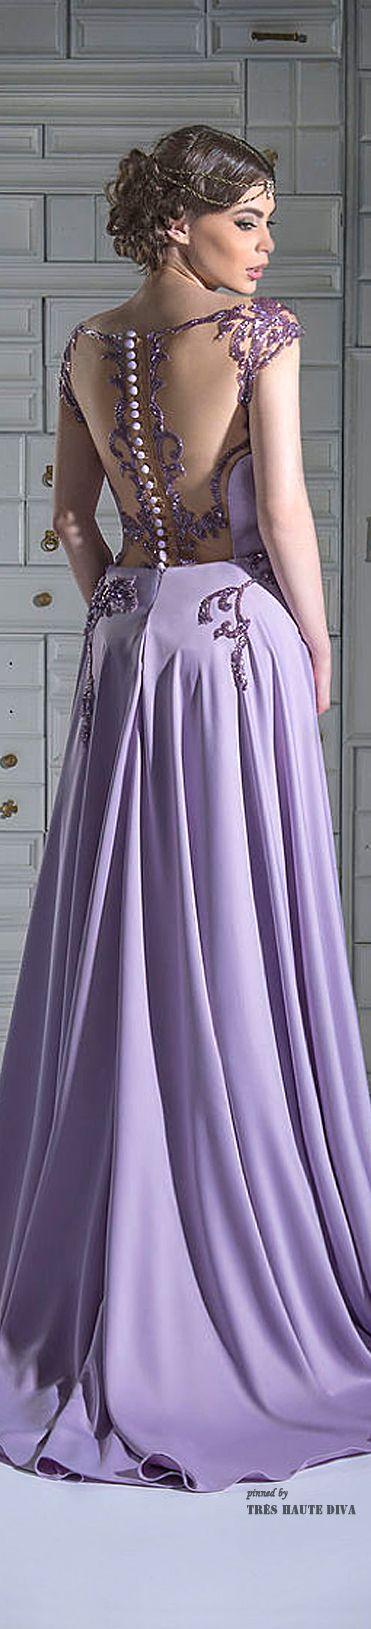 VIOLETA....❤ | Alta Costura | Pinterest | Vestiditos, Morado lila y ...